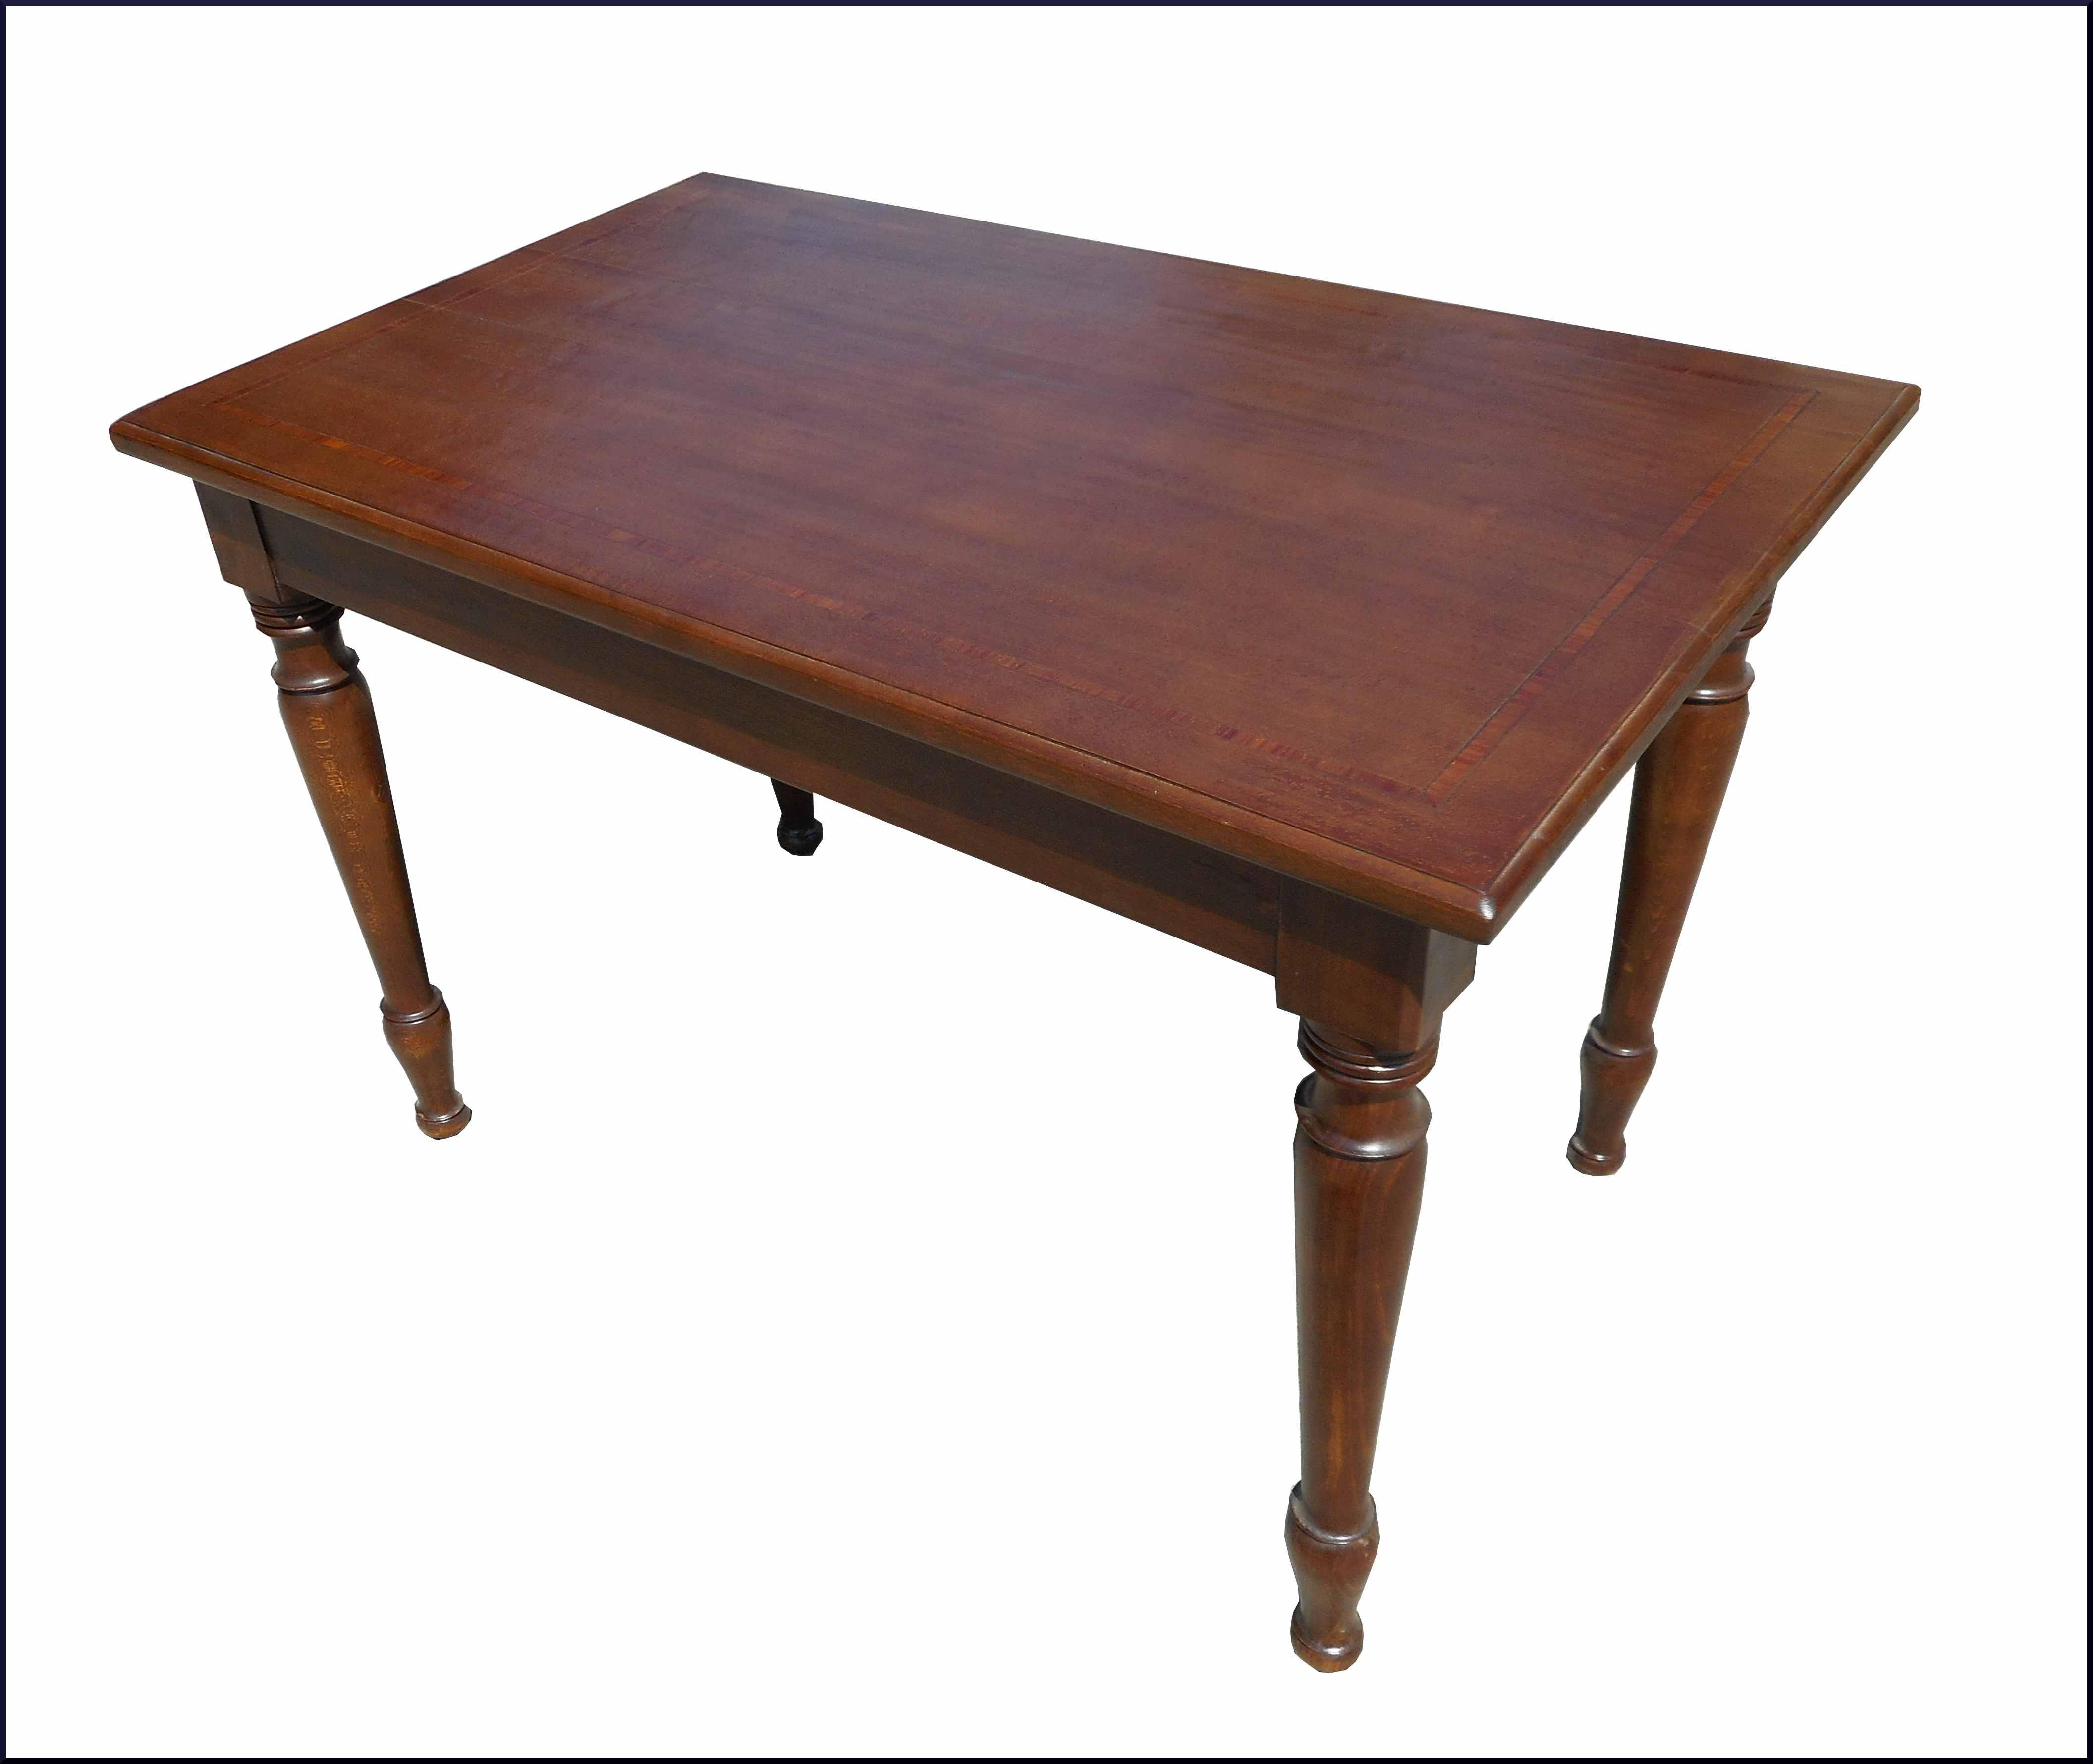 Tavoli Da Cucina Piccole Dimensioni.Piccolo Tavolo Da Cucina Con Gambe Tornite E Piano Intarsiato Con